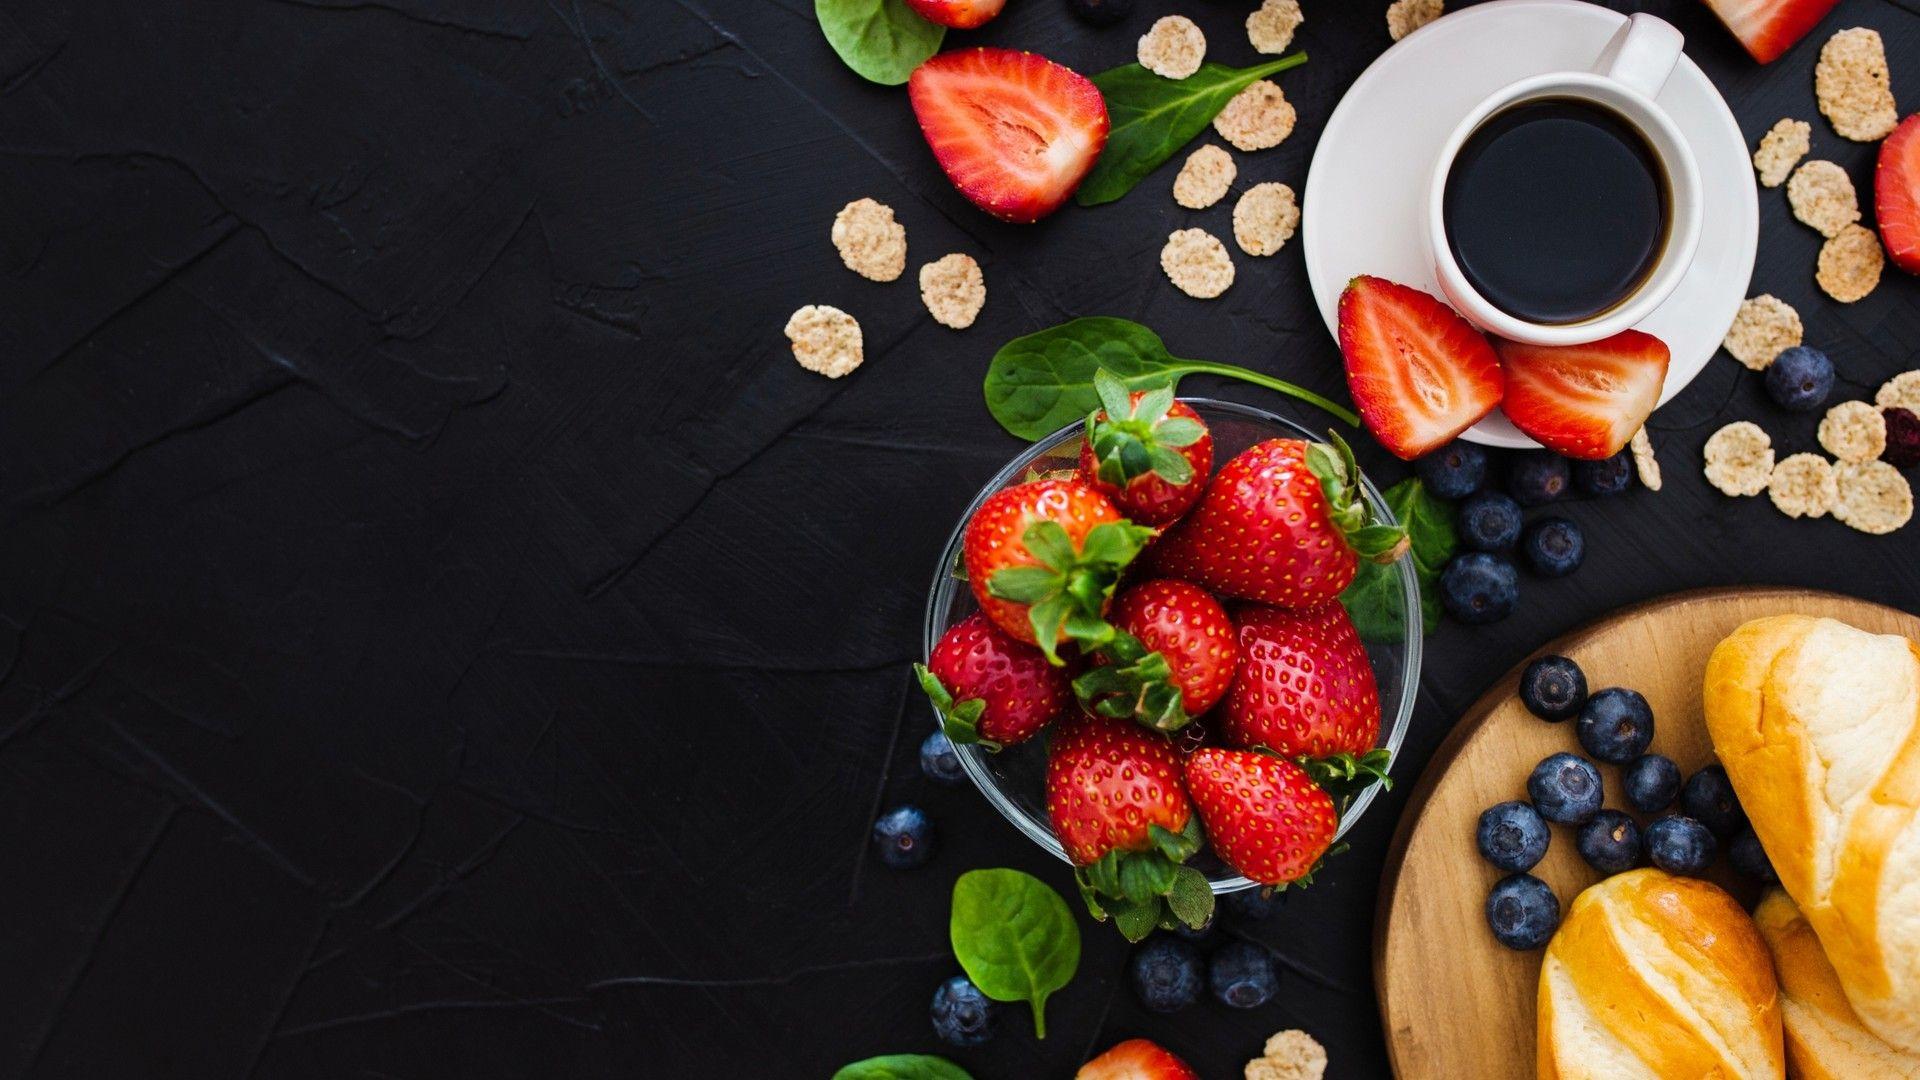 Food Wallpaper Best Wallpaper Hd Healthy Breakfast Food Food Wallpaper Food full hd wallpaper